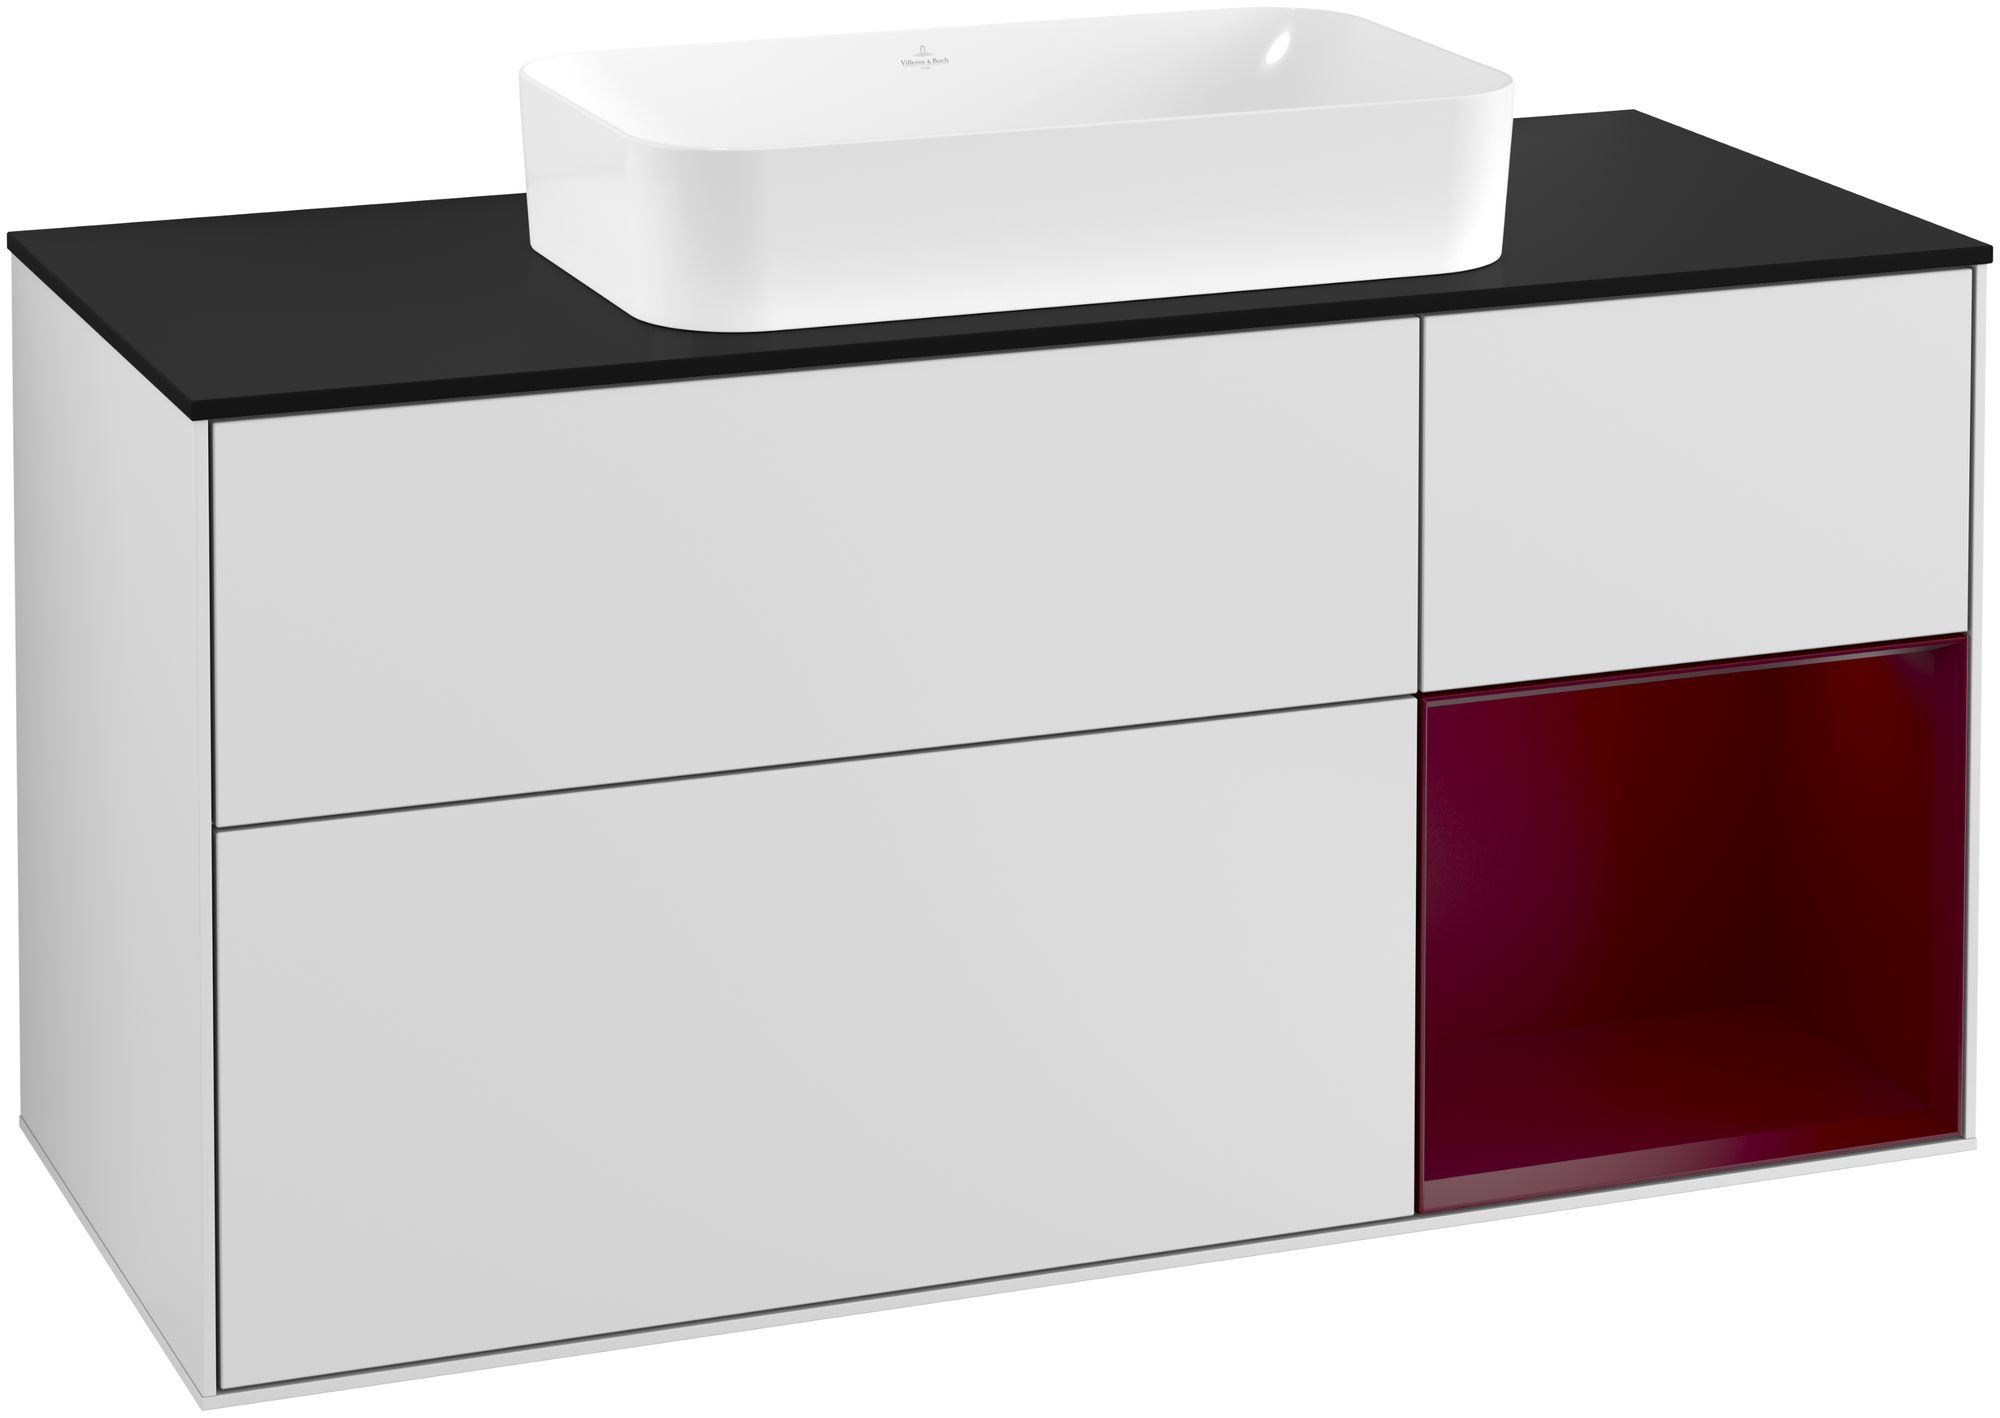 Villeroy & Boch Finion F30 Waschtischunterschrank mit Regalelement 3 Auszüge Waschtisch mittig LED-Beleuchtung B:120xH:60,3xT:50,1cm Front, Korpus: Weiß Matt Soft Grey, Regal: Peony, Glasplatte: Black Matt F302HBMT